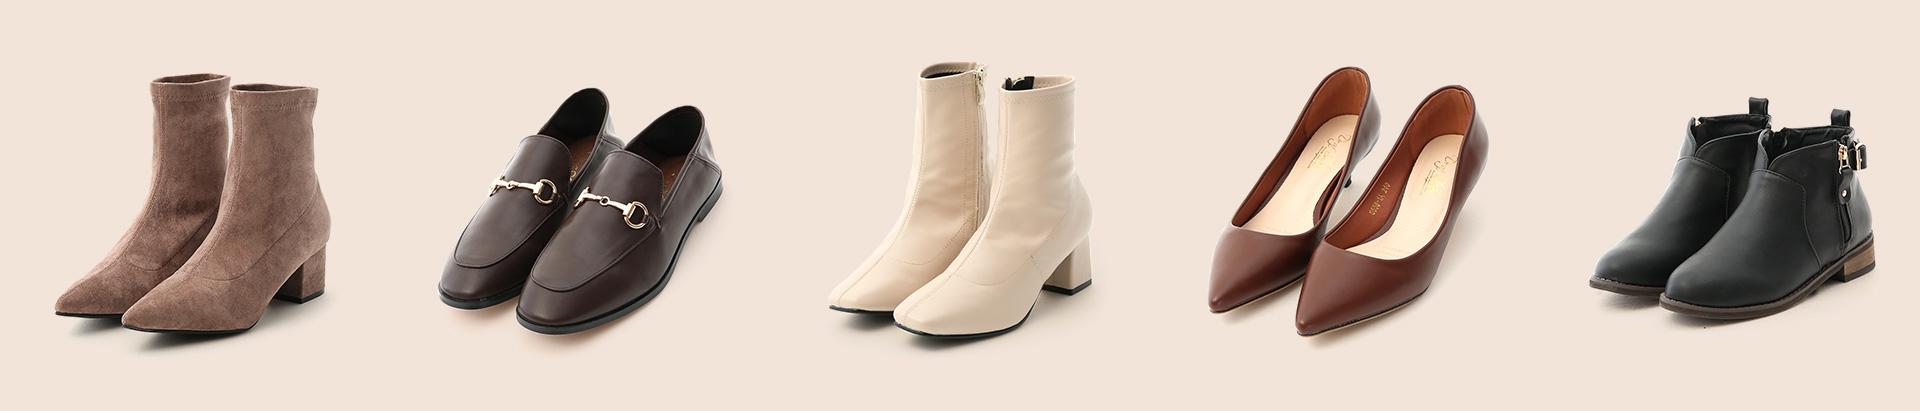 2019秋冬熱銷女鞋女靴 襪靴 樂福鞋 白靴 高跟鞋 短靴